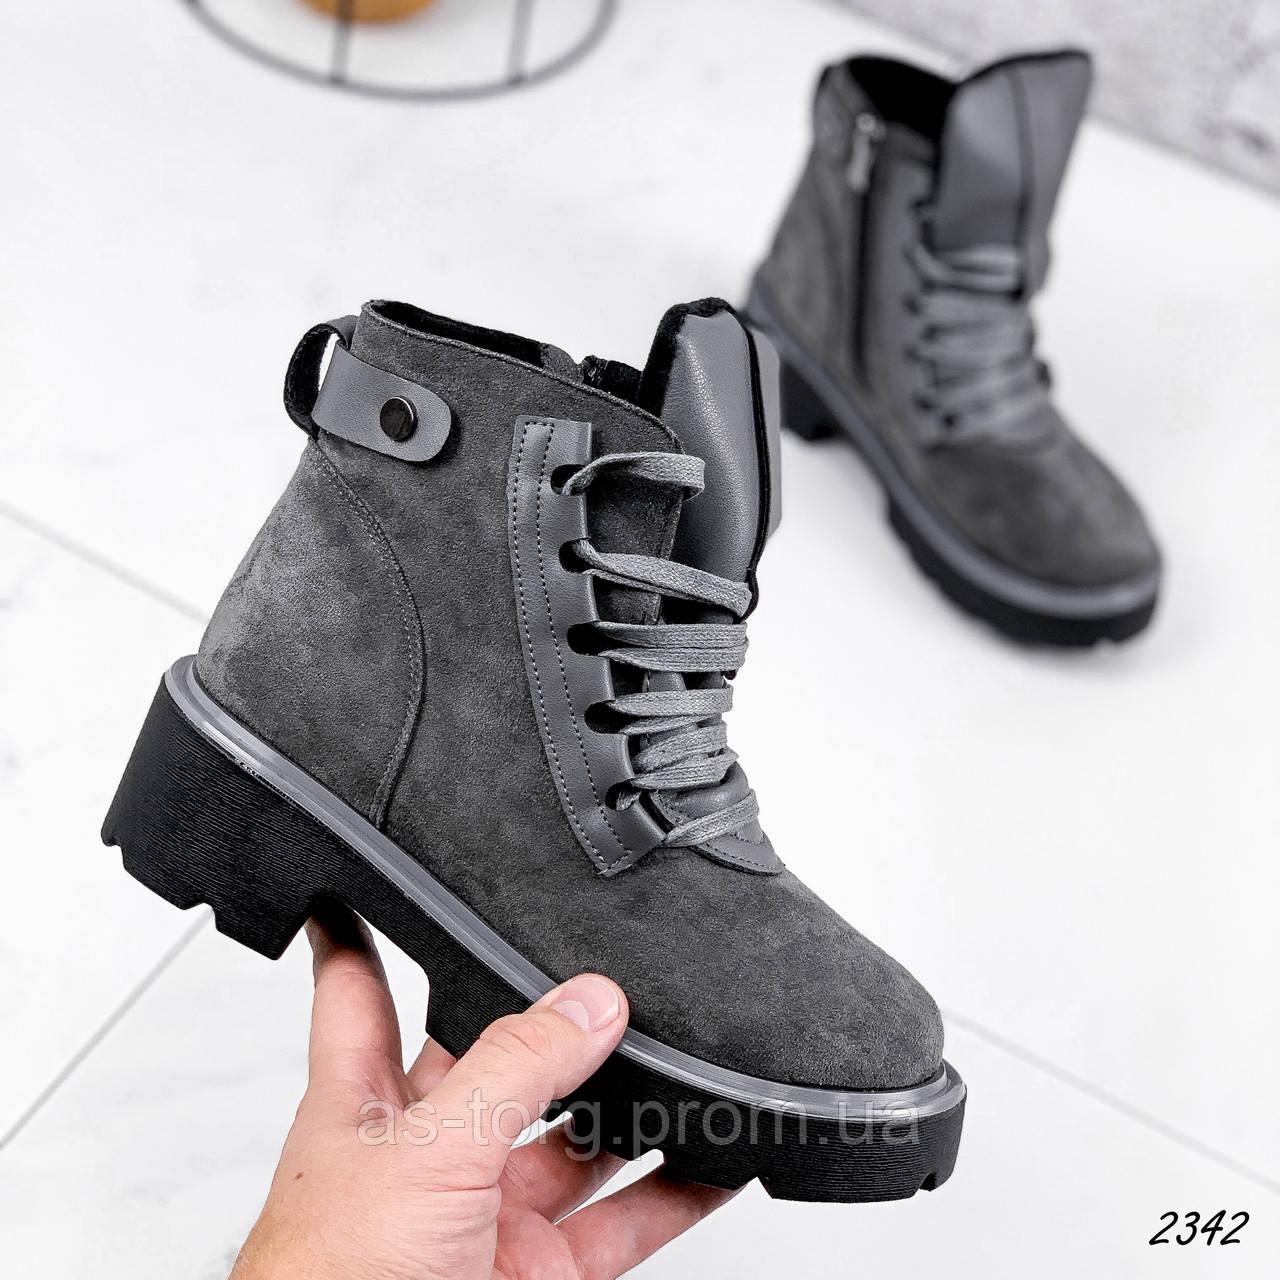 Ботинки женские Tonan серые 2342